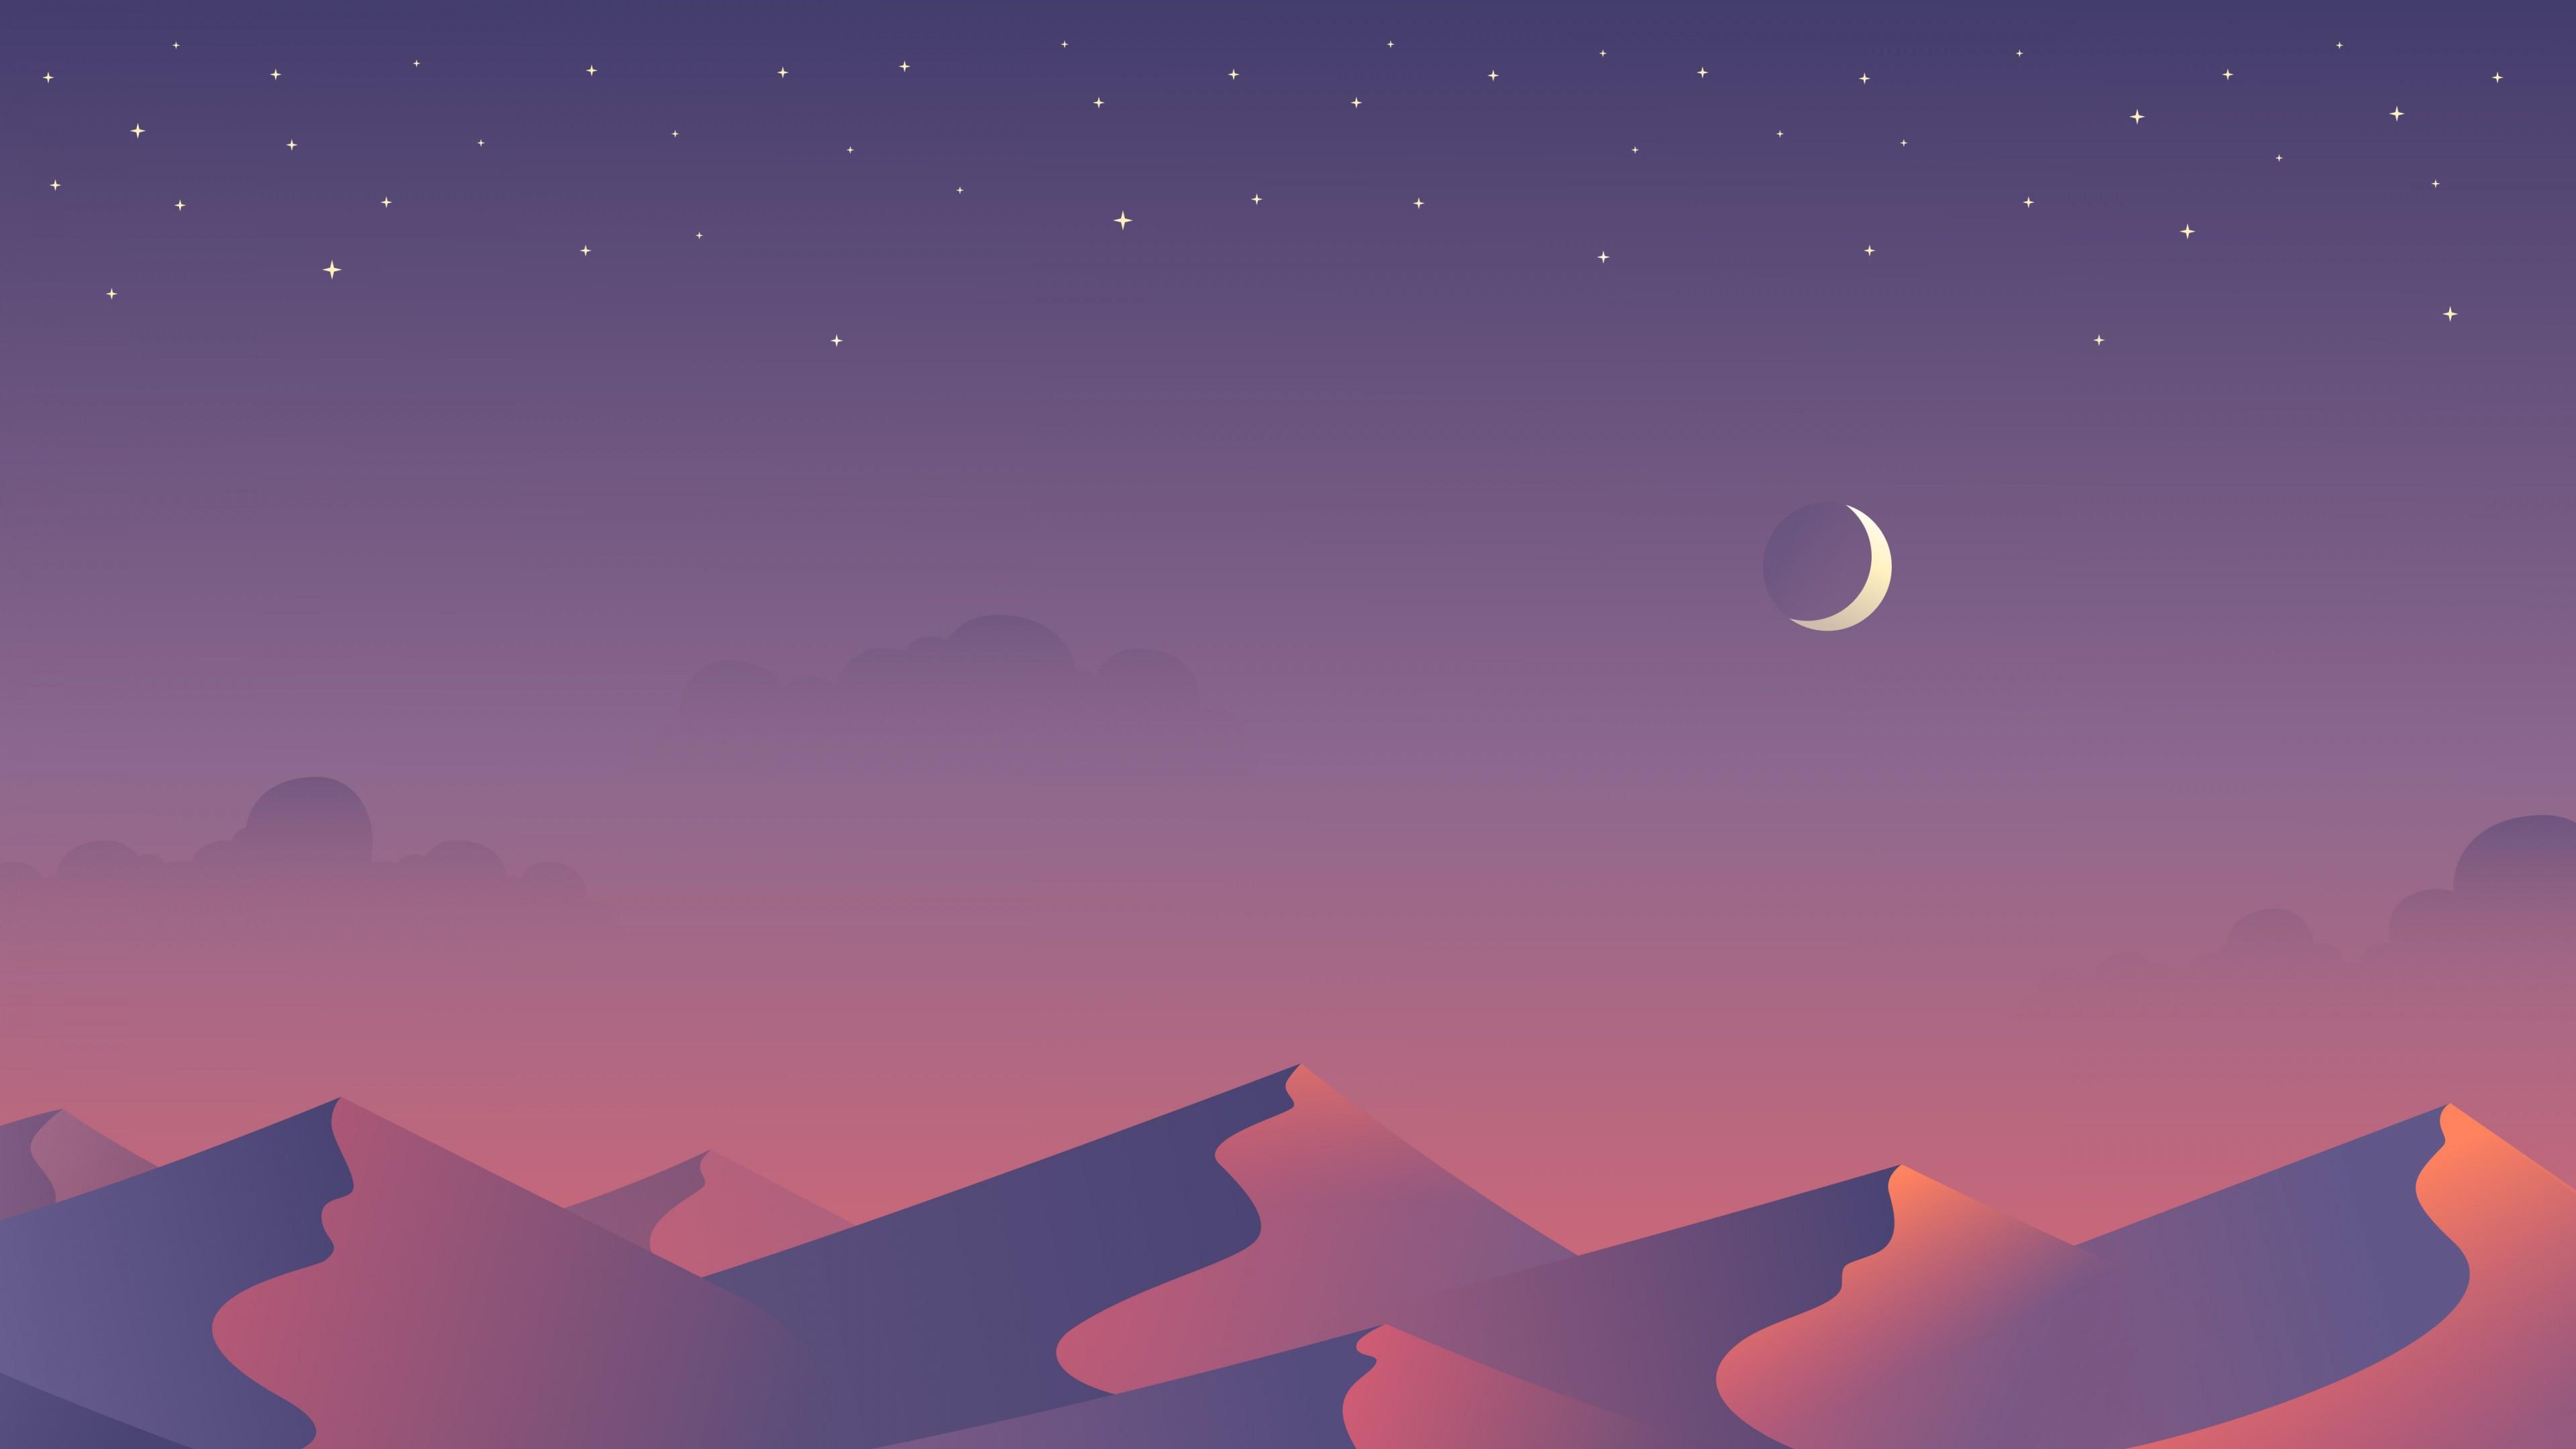 Свет луны на пурпурном звездном небосводе освещает рельефные дюны знойной пустыни